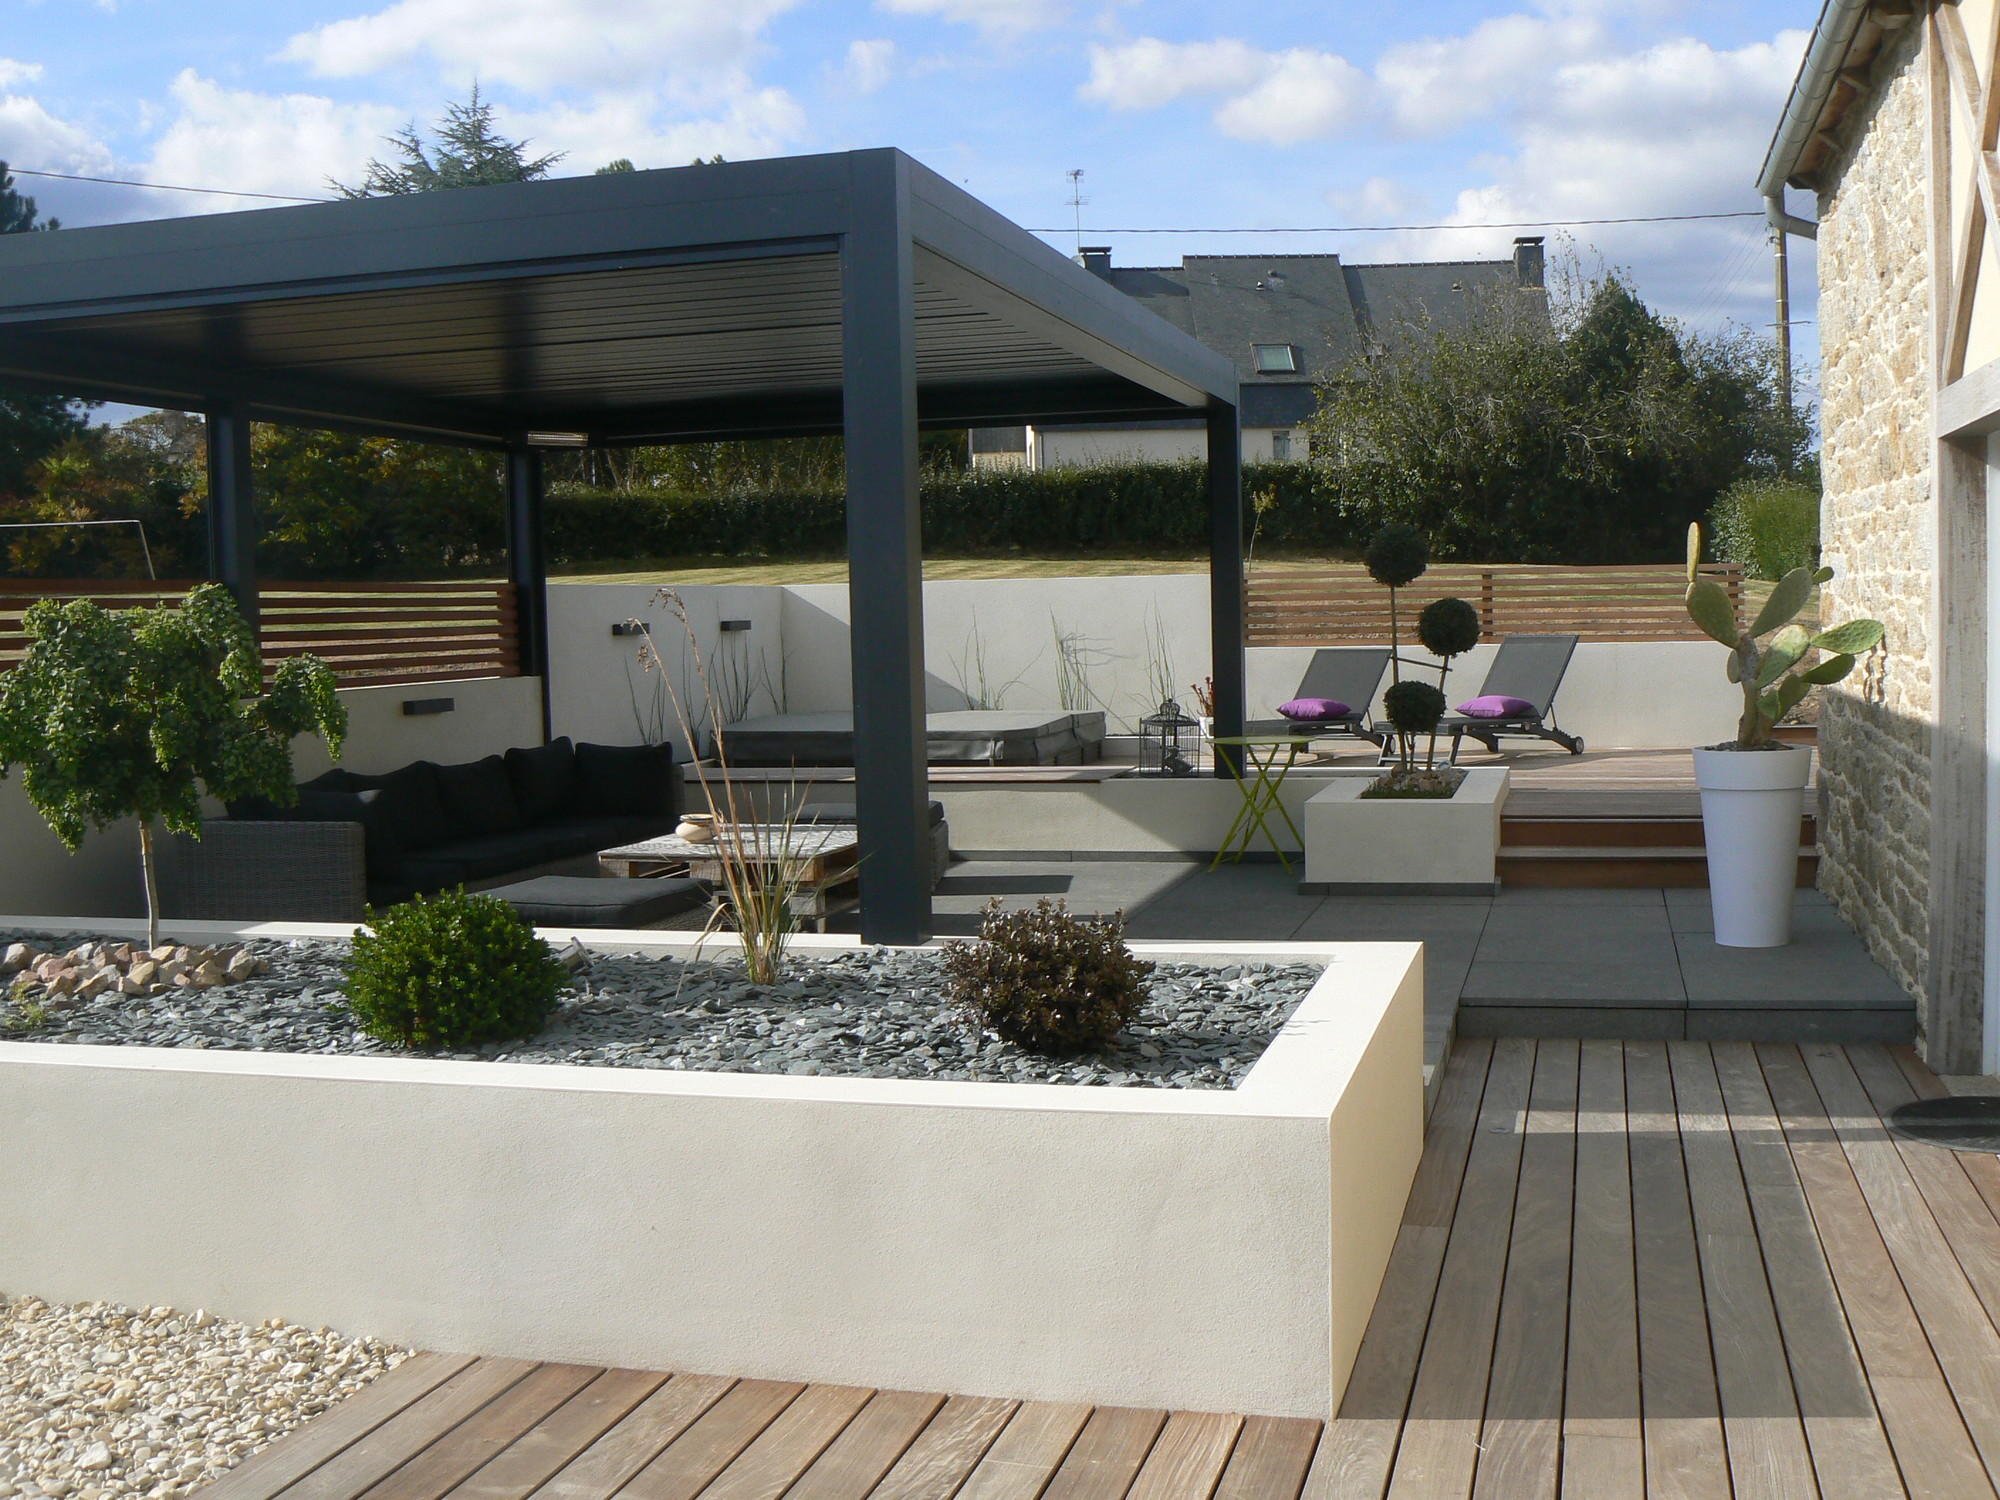 Amenagement piscine spa - Amenagement terrasse piscine ...